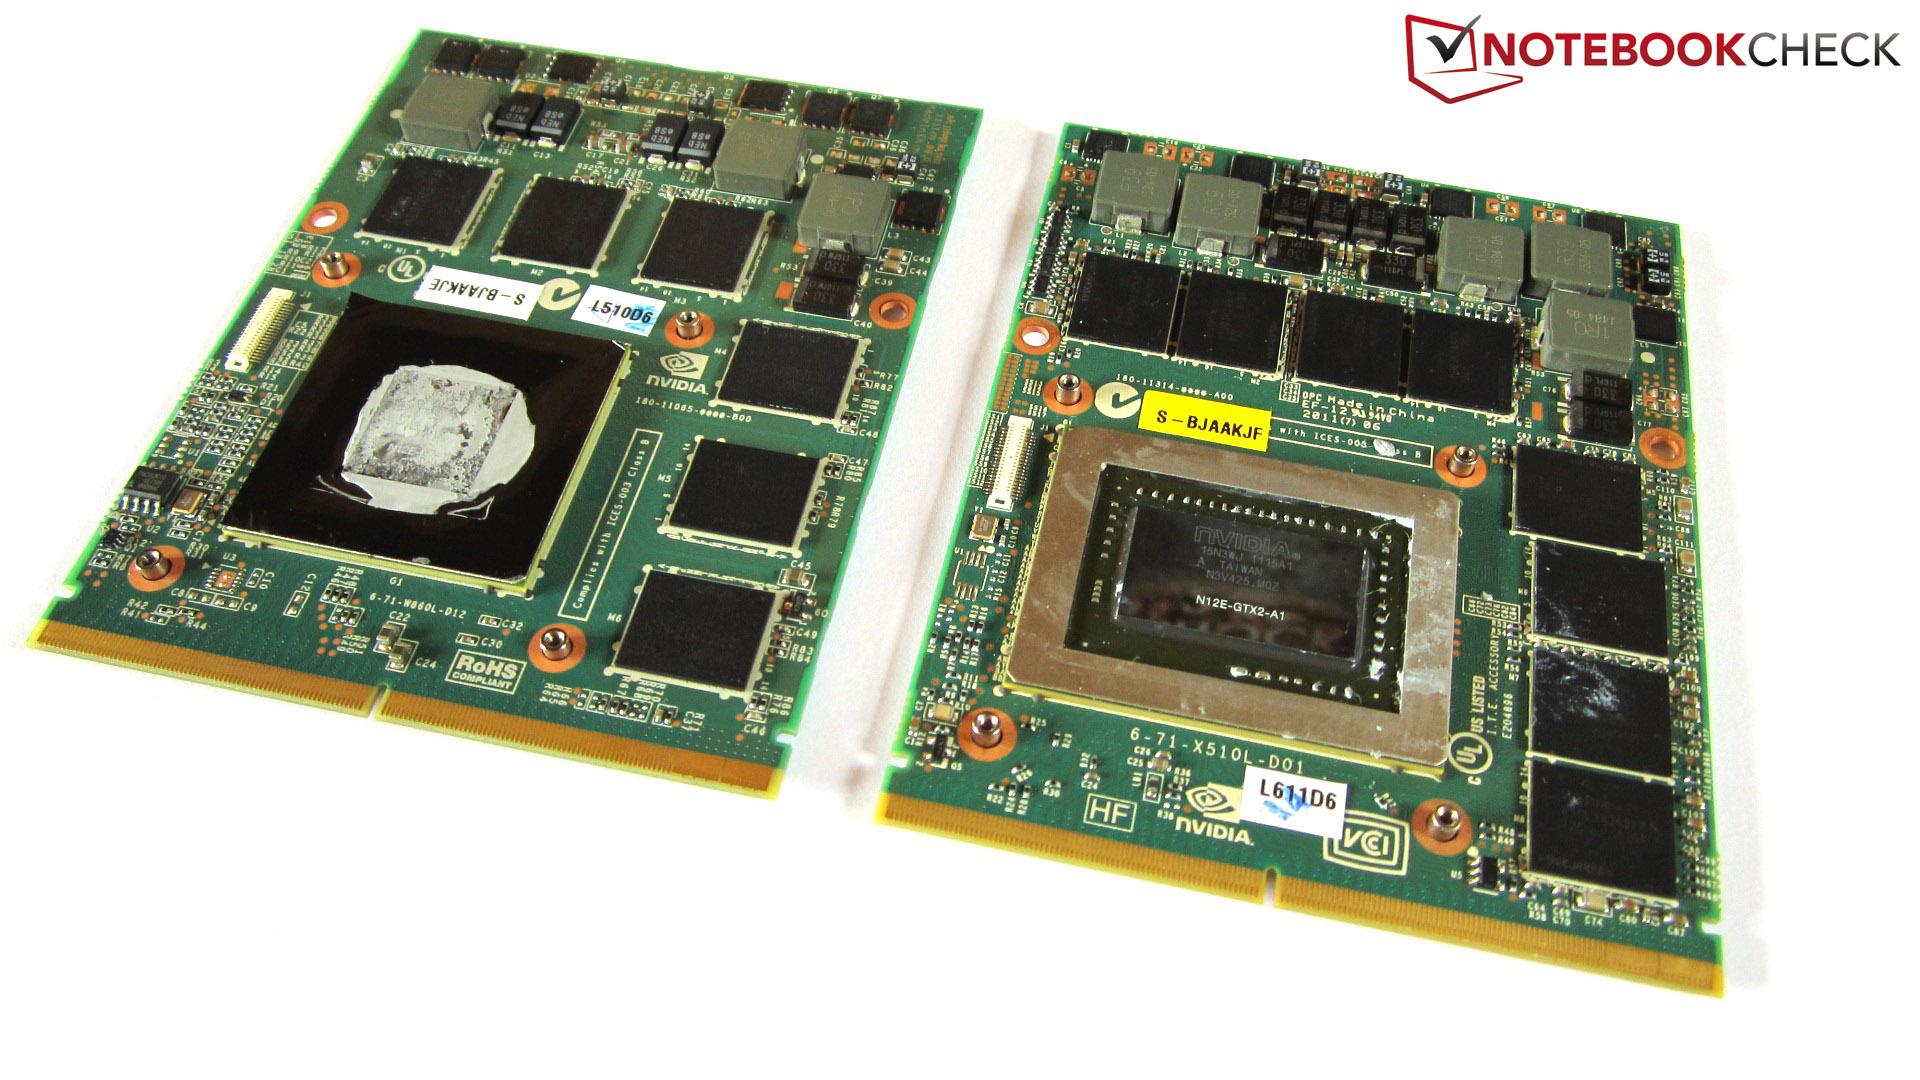 NVIDIA GEFORCE GTX 560M TREIBER HERUNTERLADEN